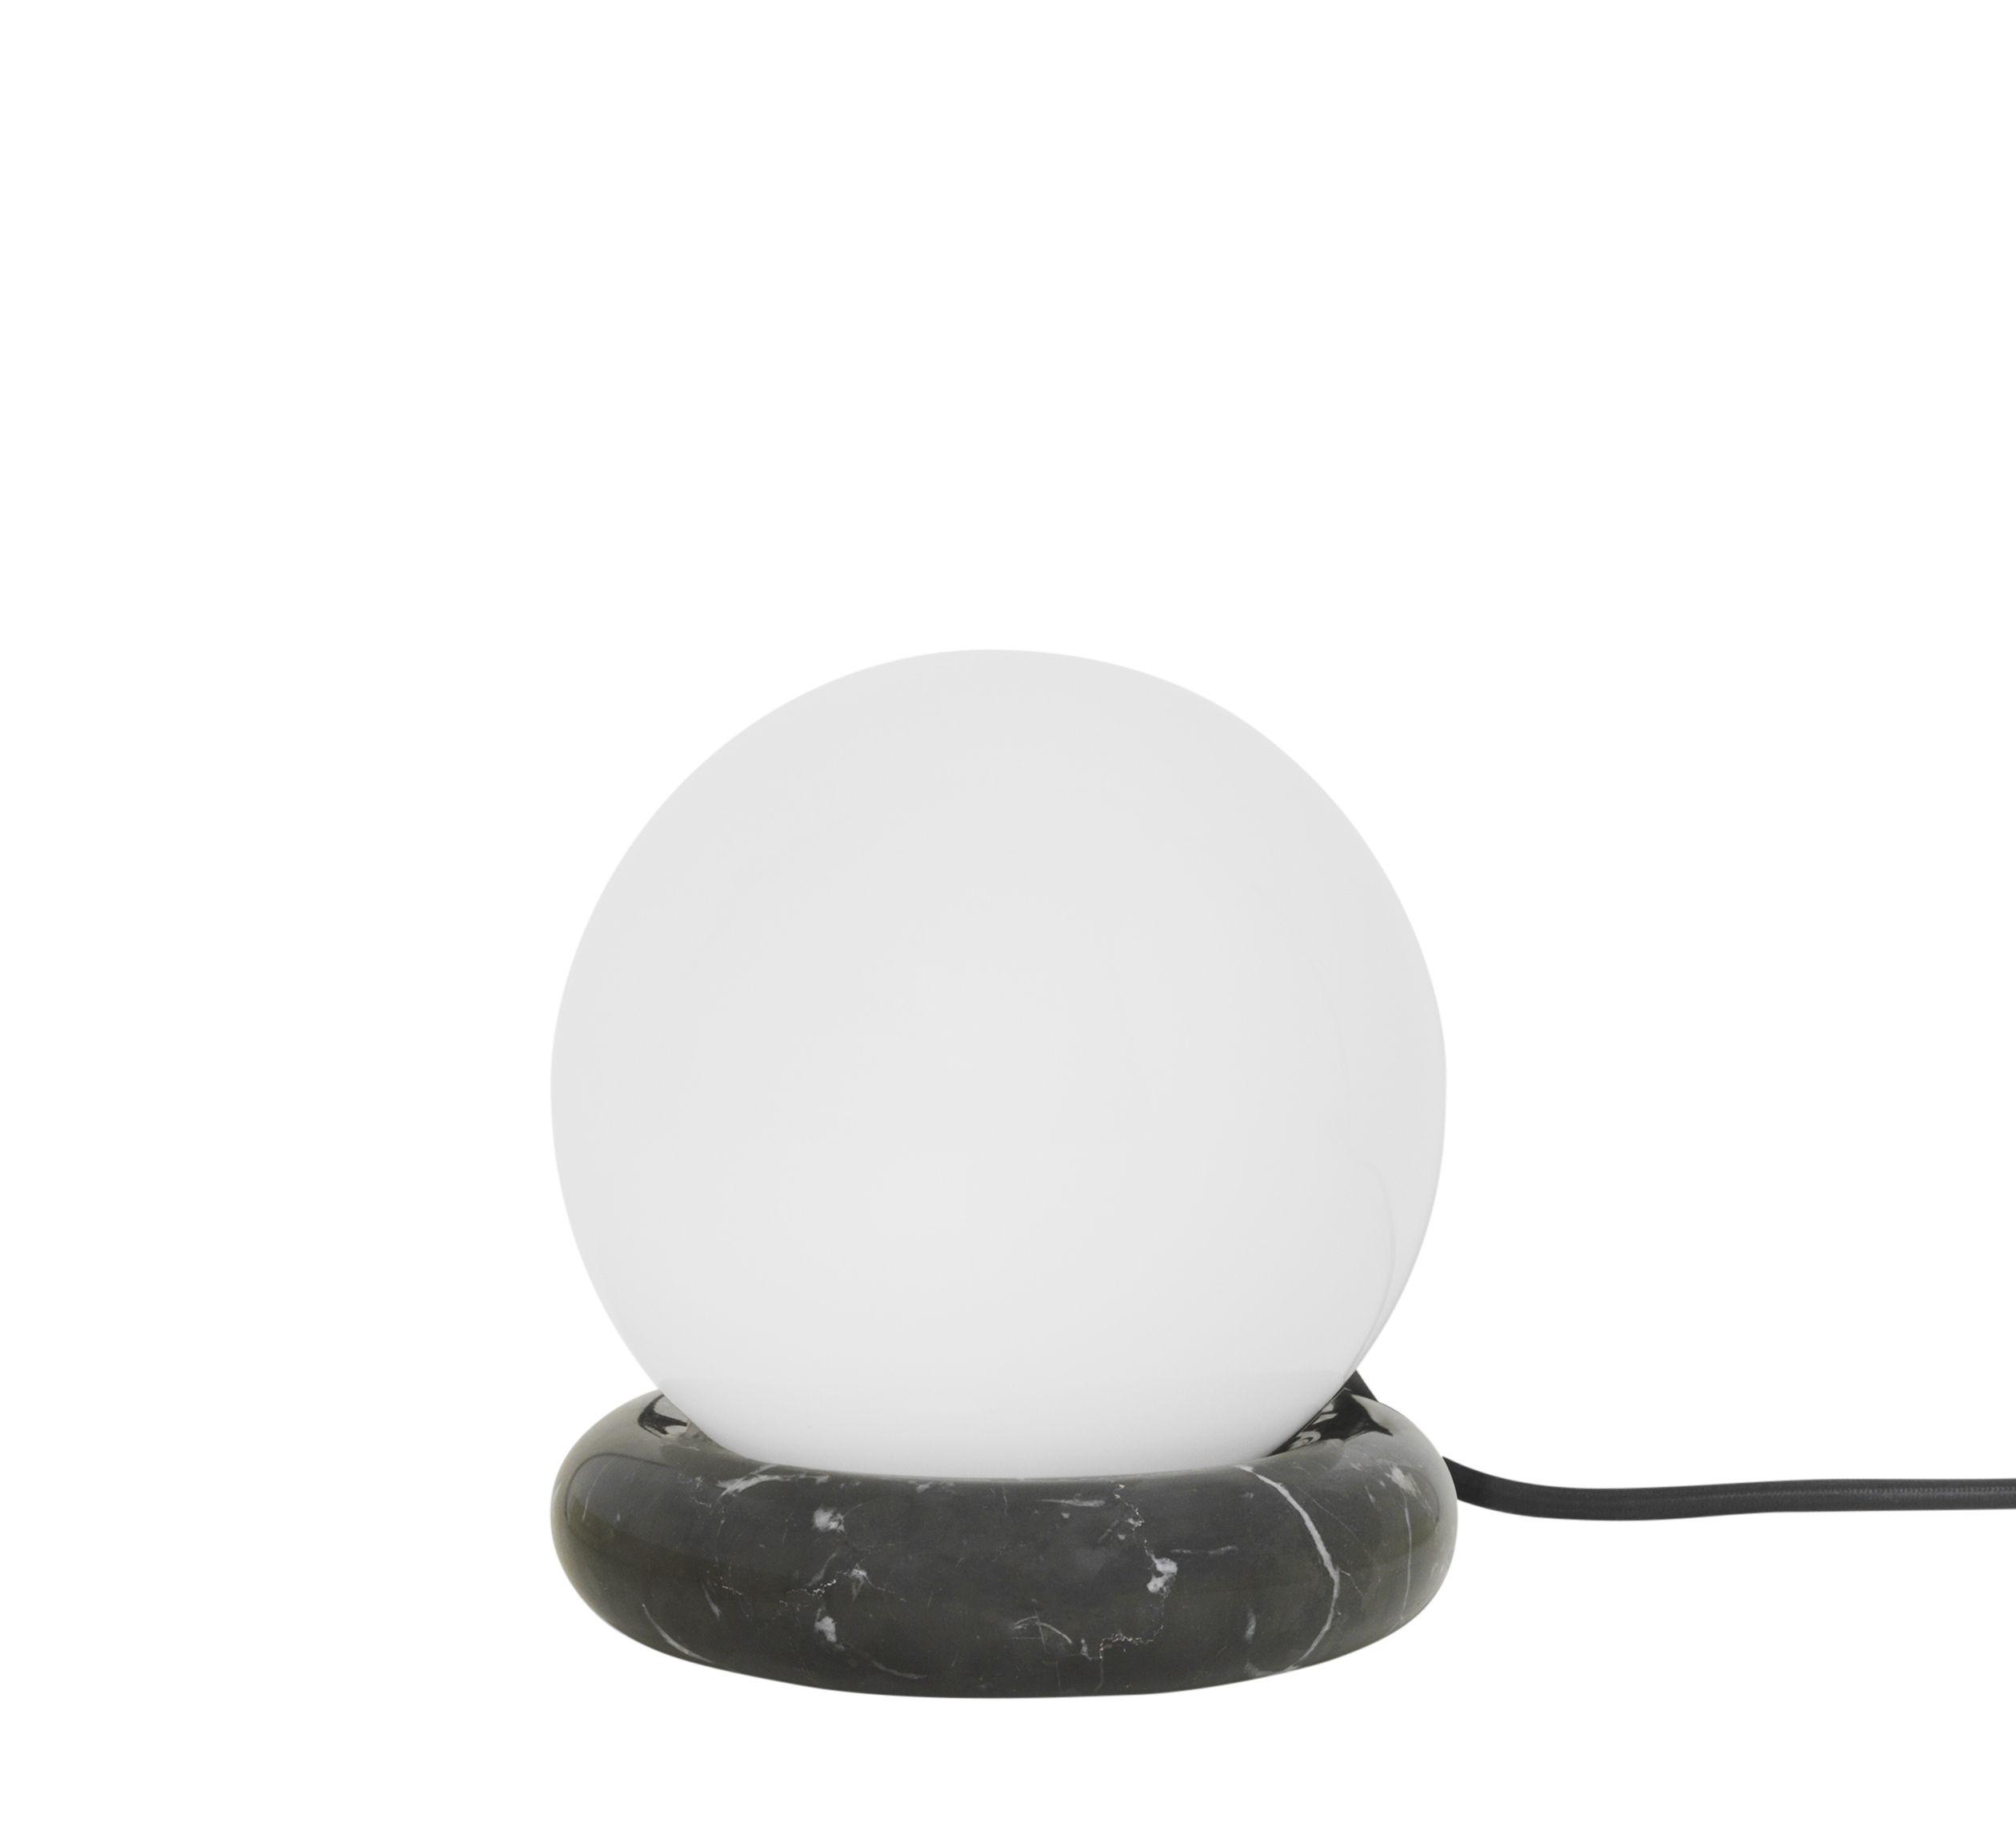 Luminaire - Lampes de table - Lampe de table Rest / Marbre & verre - Ferm Living - Noir /Globe blanc - Marbre, Verre opalin